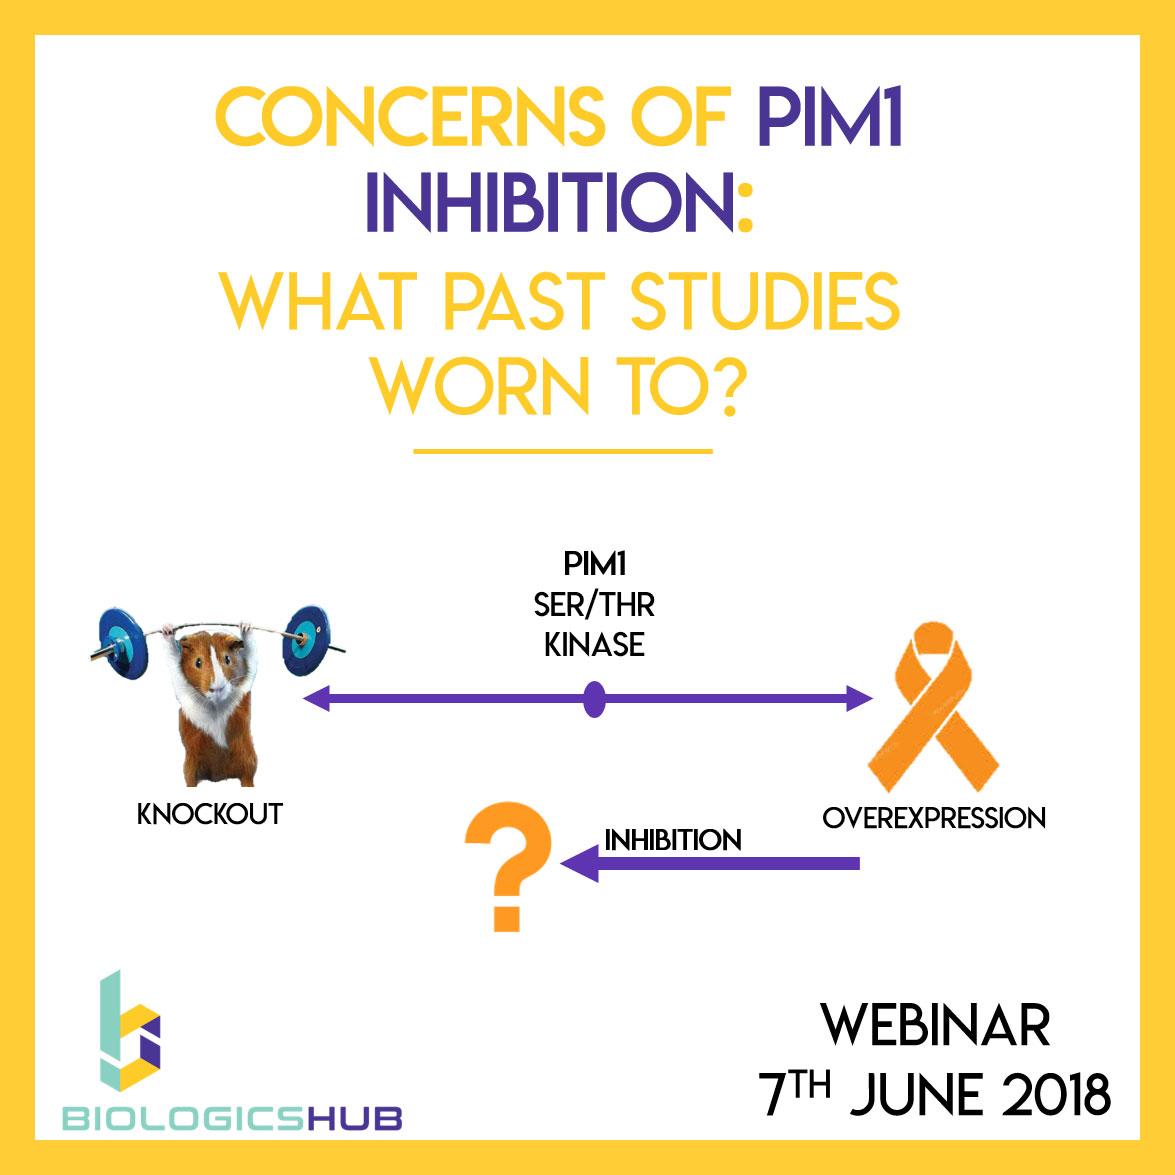 Webinar: Concerns Of PIM1 Inhibition: What Do Past Studies Worn To?